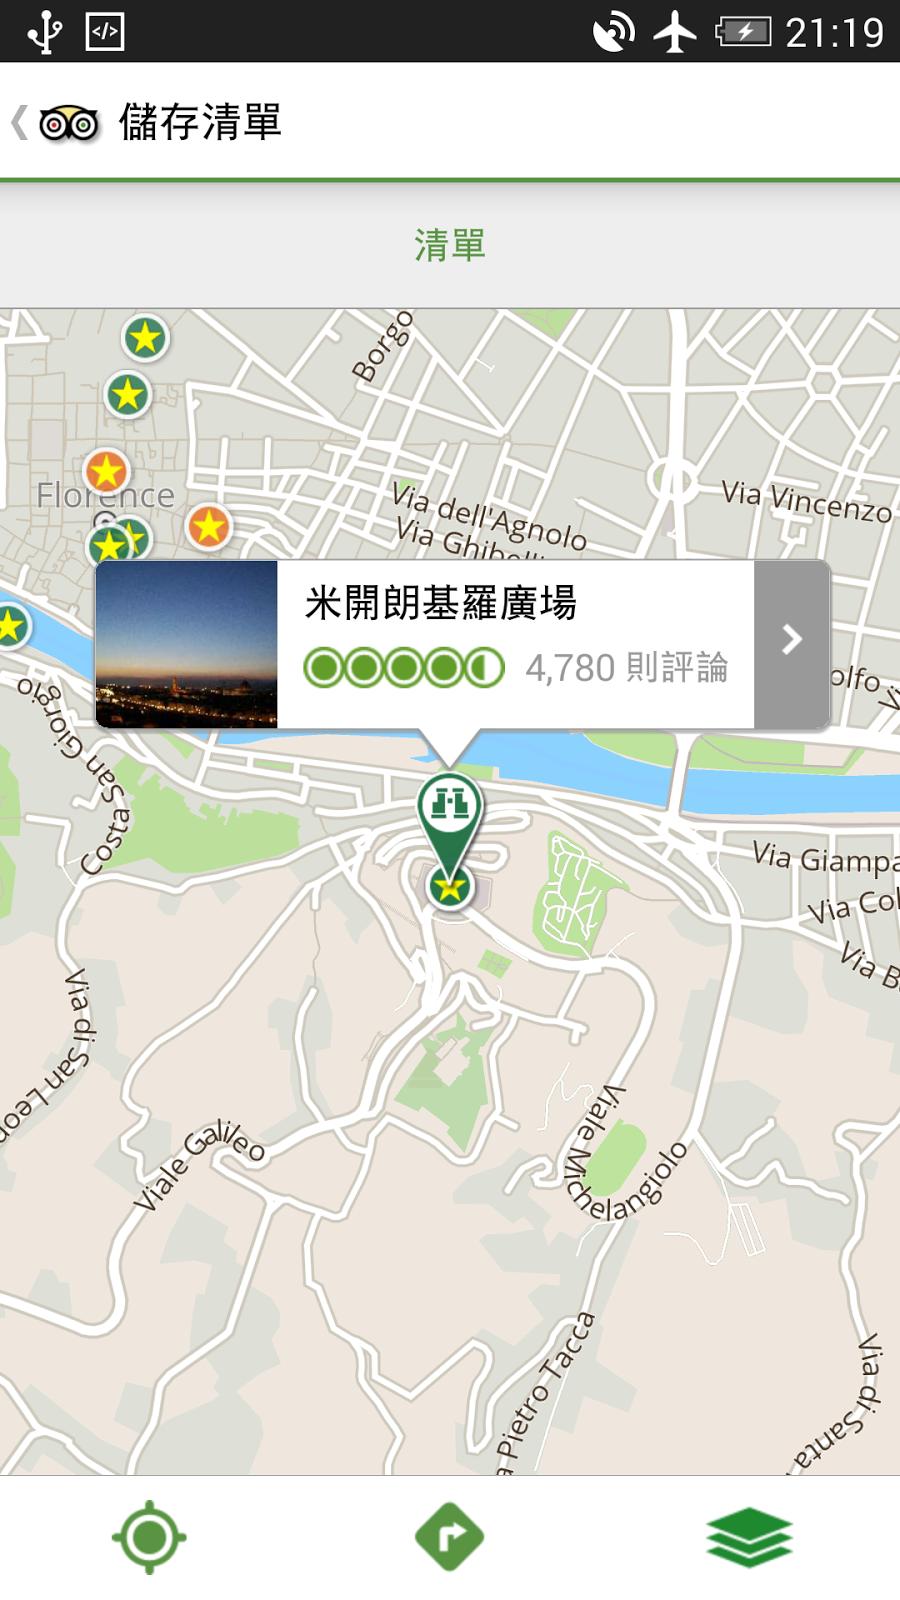 免費下載全球最大旅遊網 TripAdvisor 300個城市離線地圖 TripAdvisor+-07